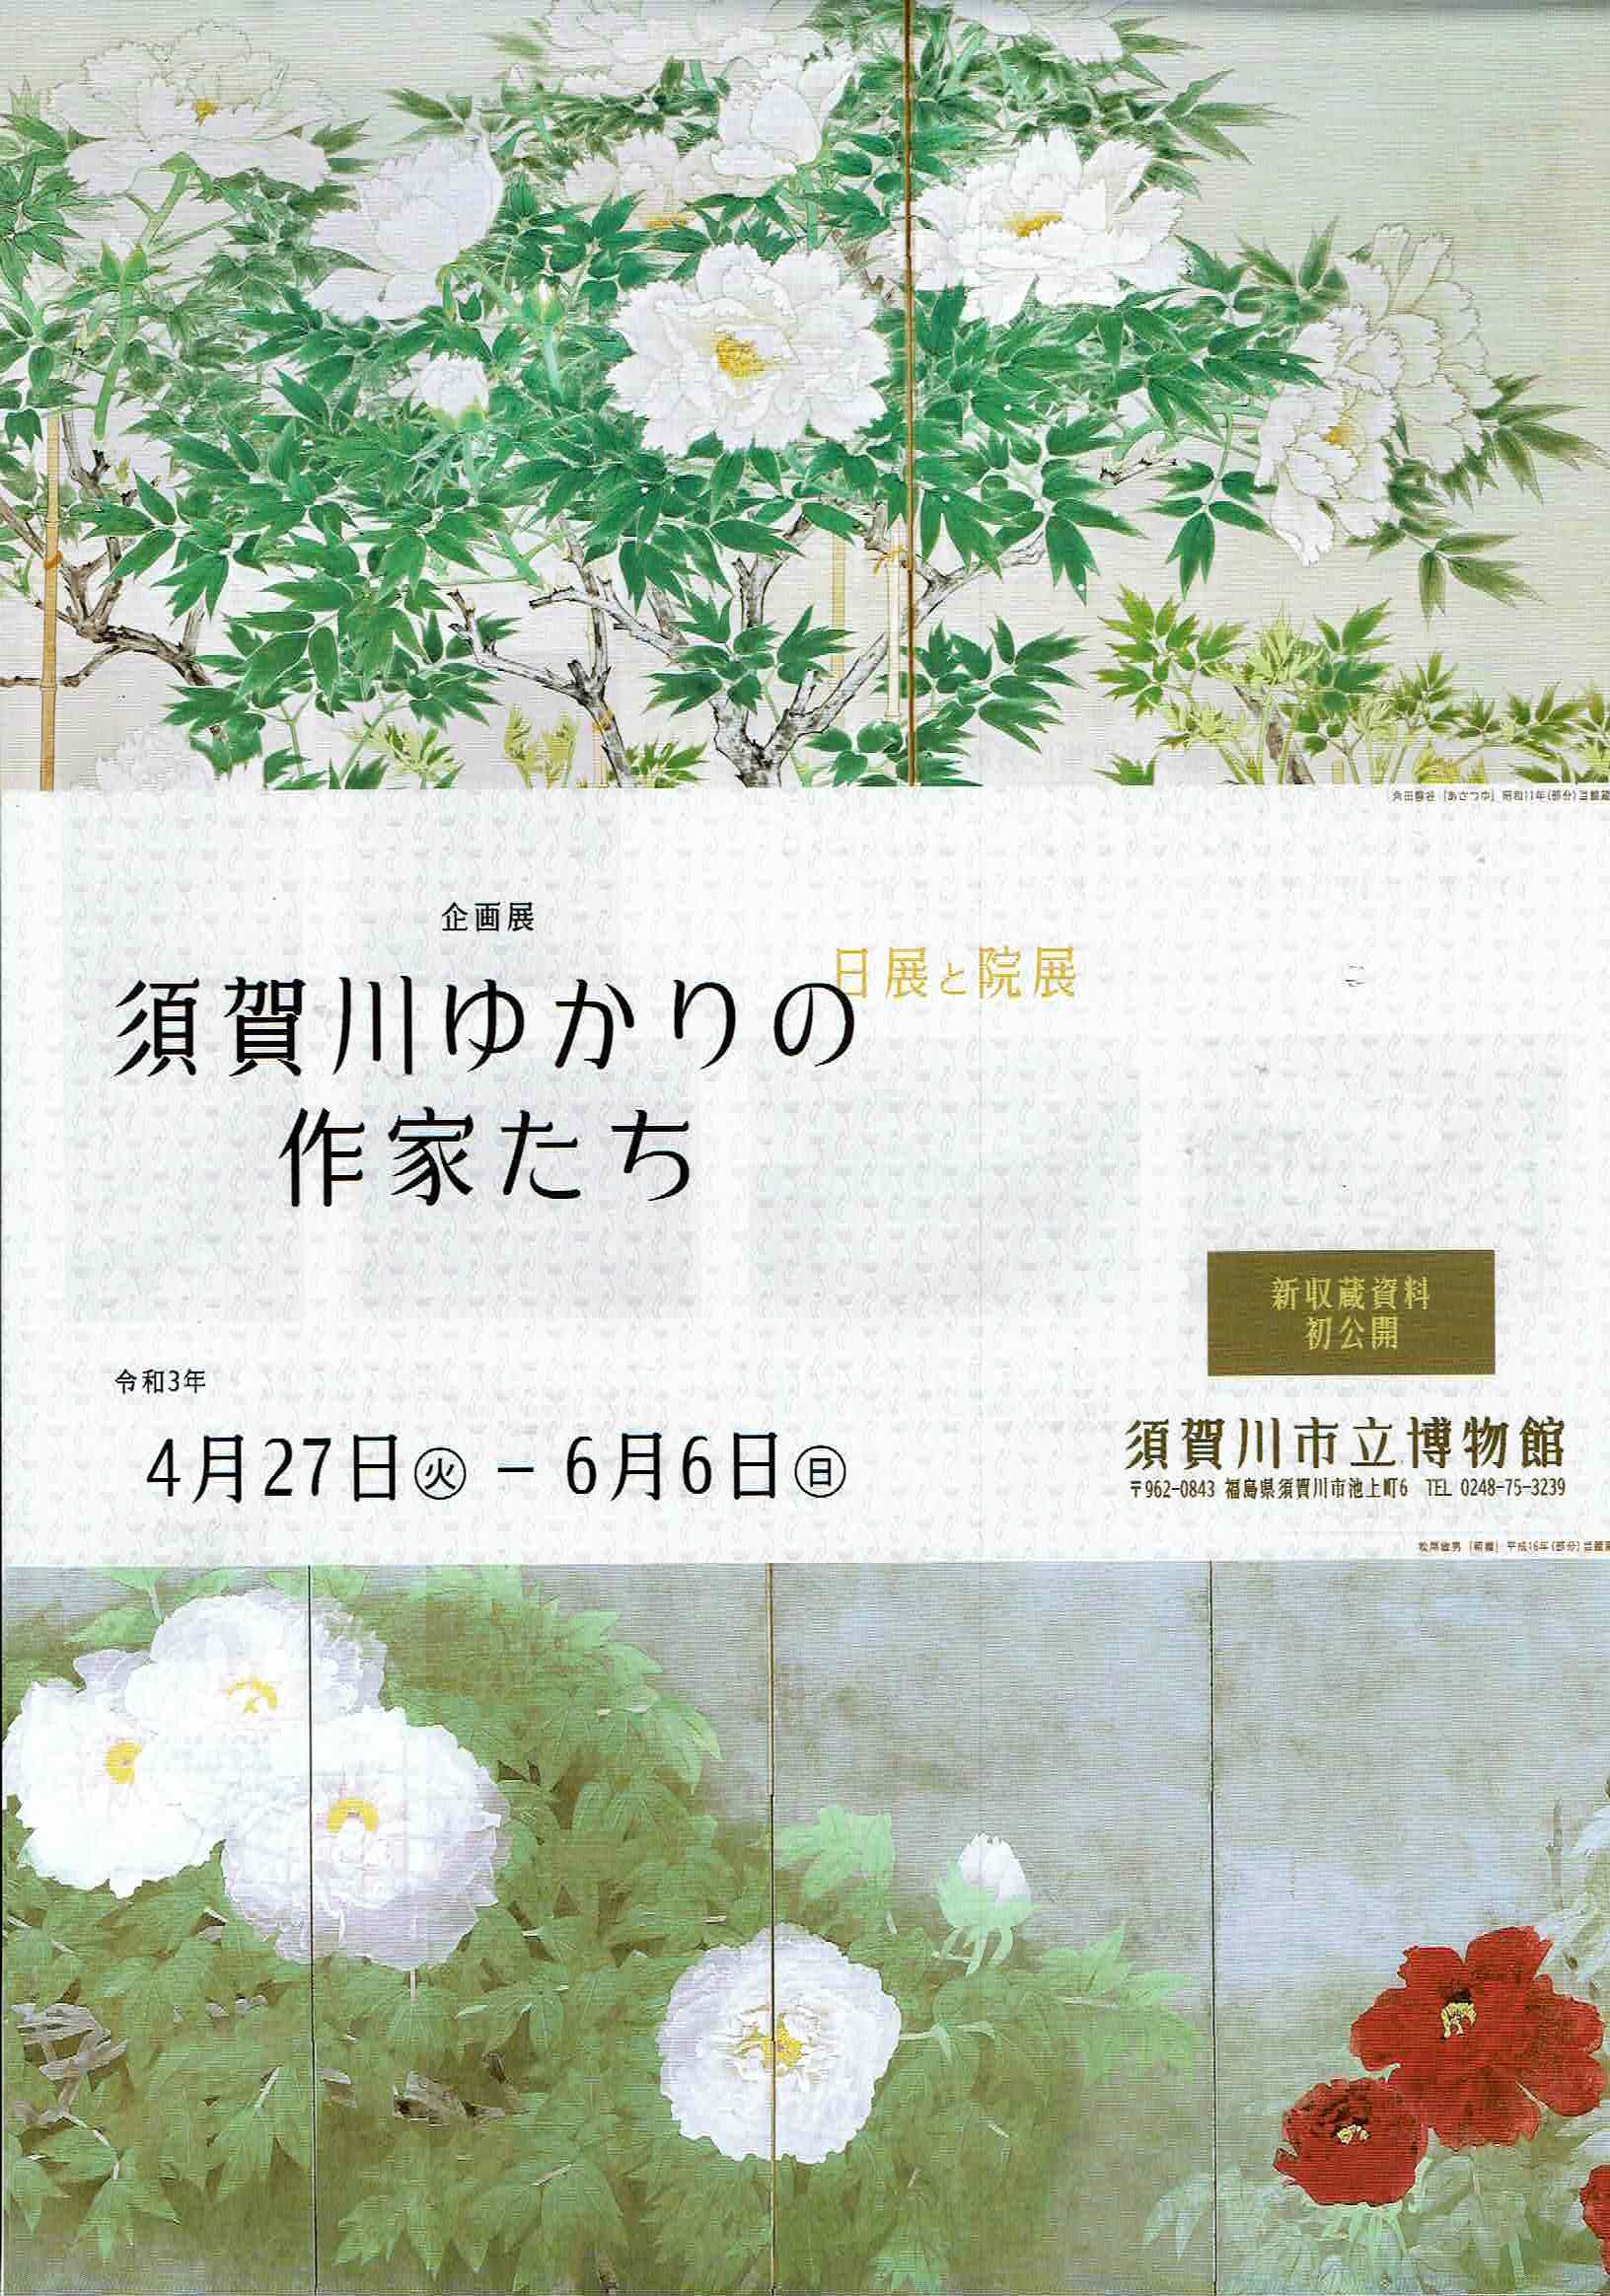 企画展『日展と院展 須賀川ゆかりの作家たち』◆4月27日(火)~6月6日(日)